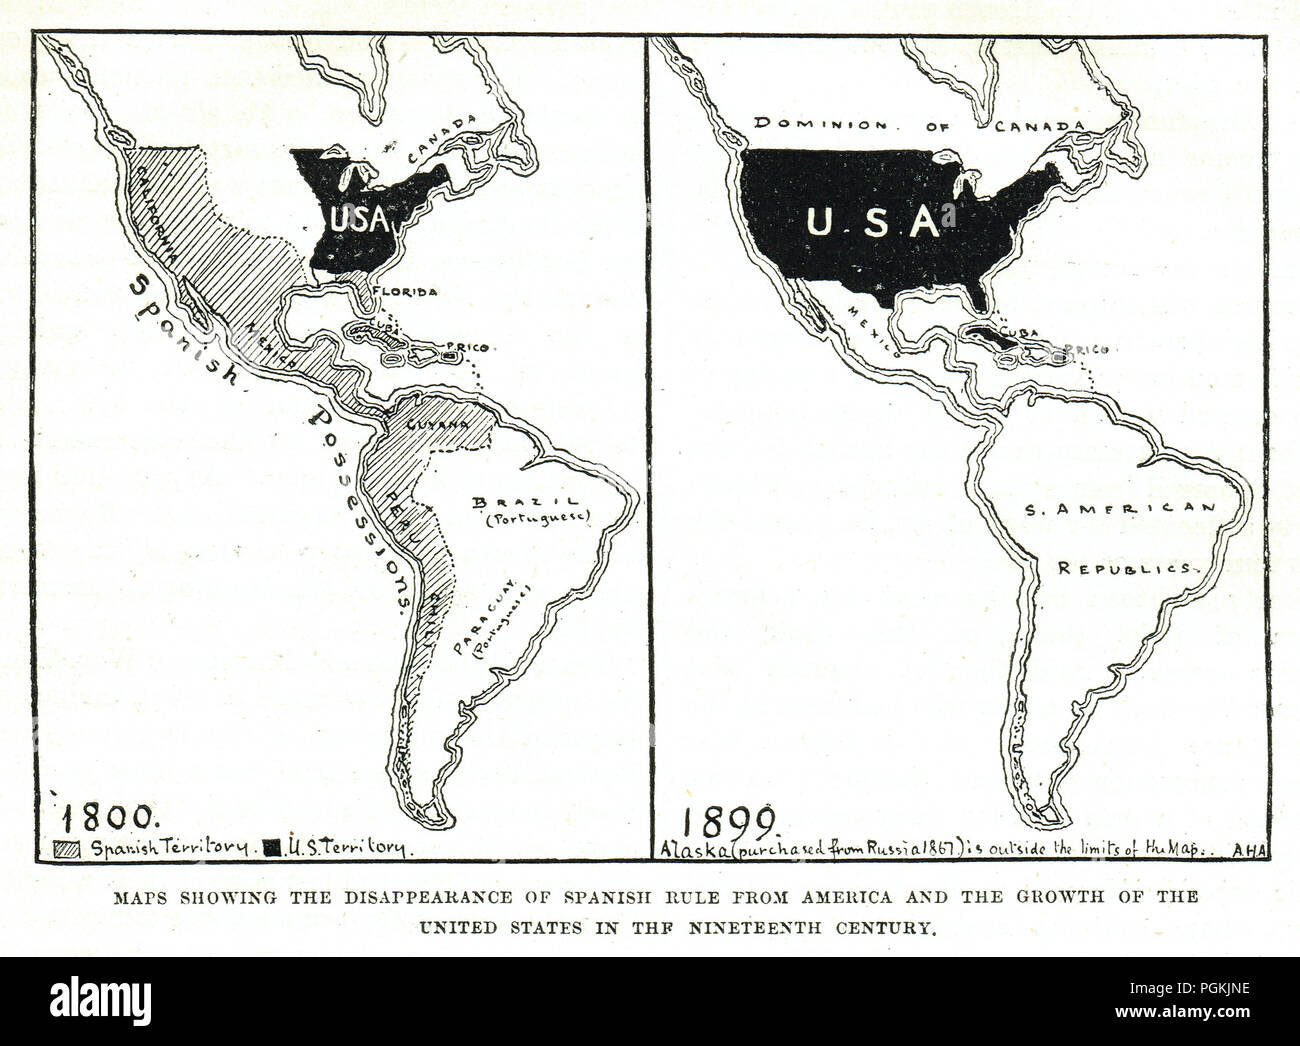 Mappa di perdite Spagnolo in America, che mostra la scomparsa di regola spagnola e la crescita degli Stati Uniti nel XIX secolo Immagini Stock